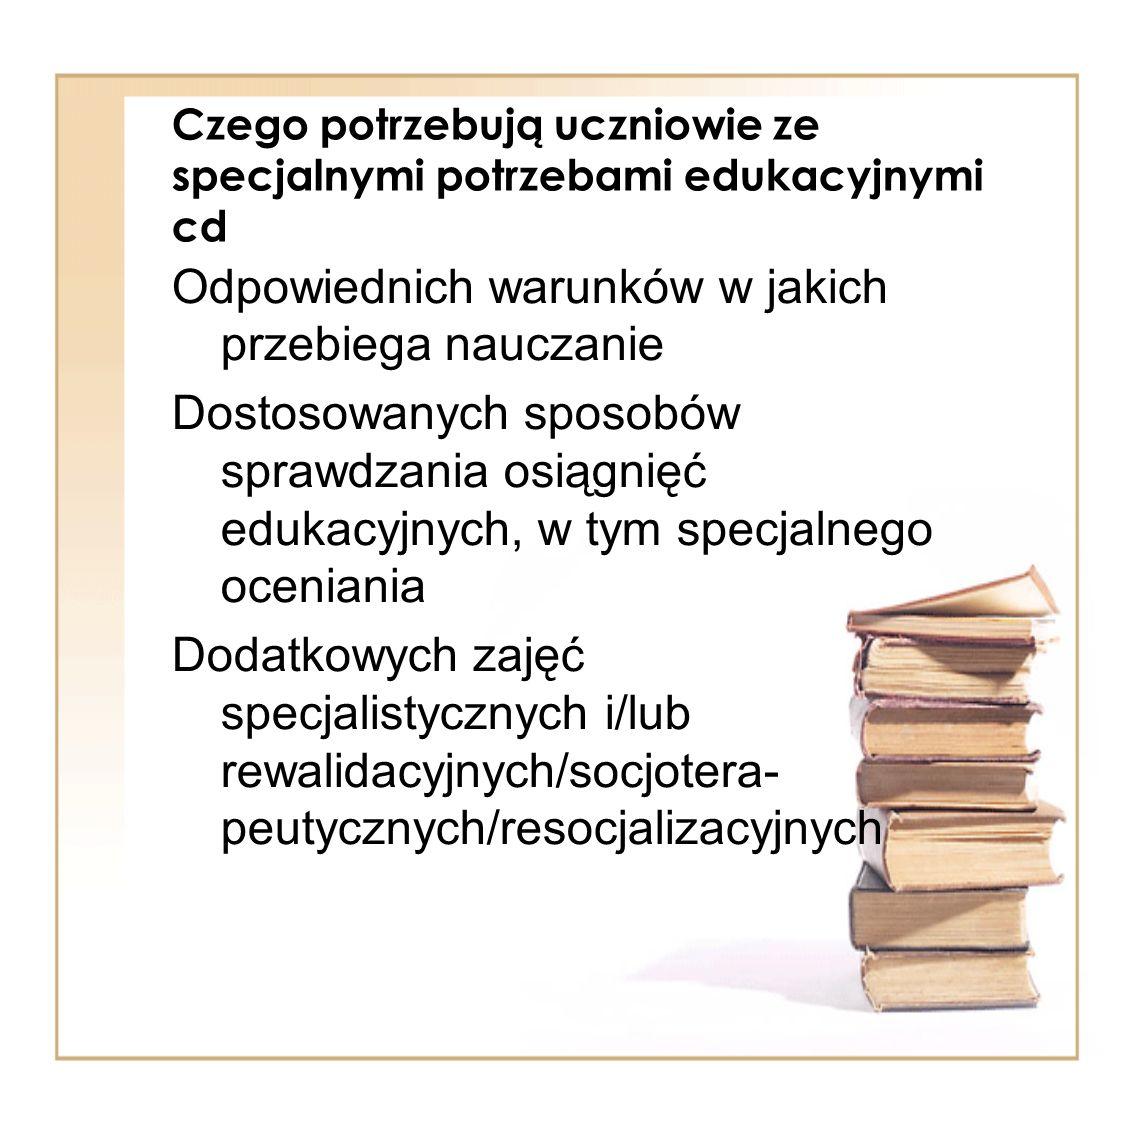 Czego potrzebują uczniowie ze specjalnymi potrzebami edukacyjnymi cd